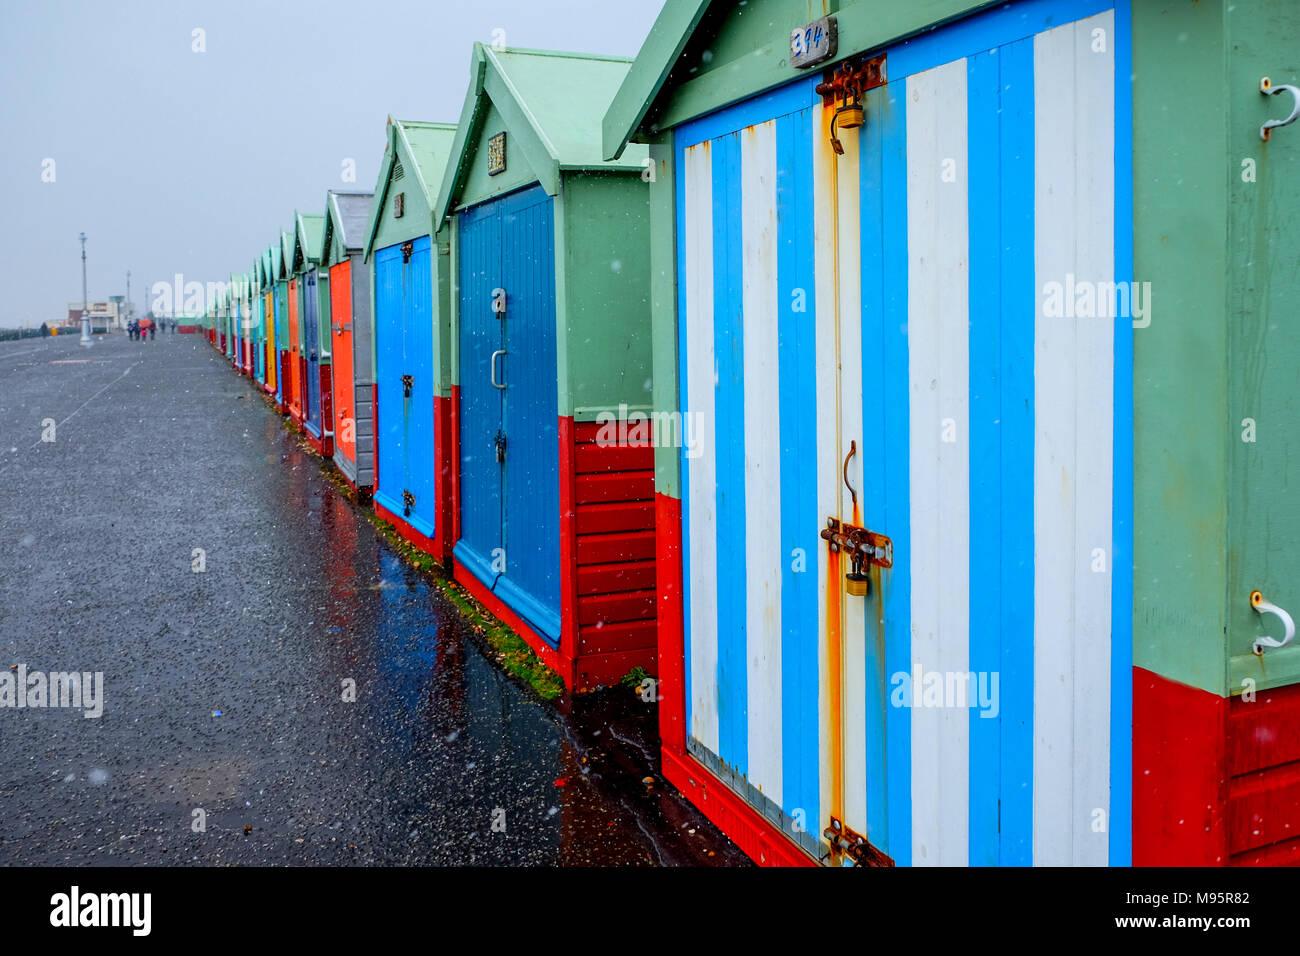 Front de mer de Brighton 40 cabines de plage, les huttes ont portes multicolores dans une ligne droite sur une promenade de béton le ciel est gris La plage la plus proche h Photo Stock